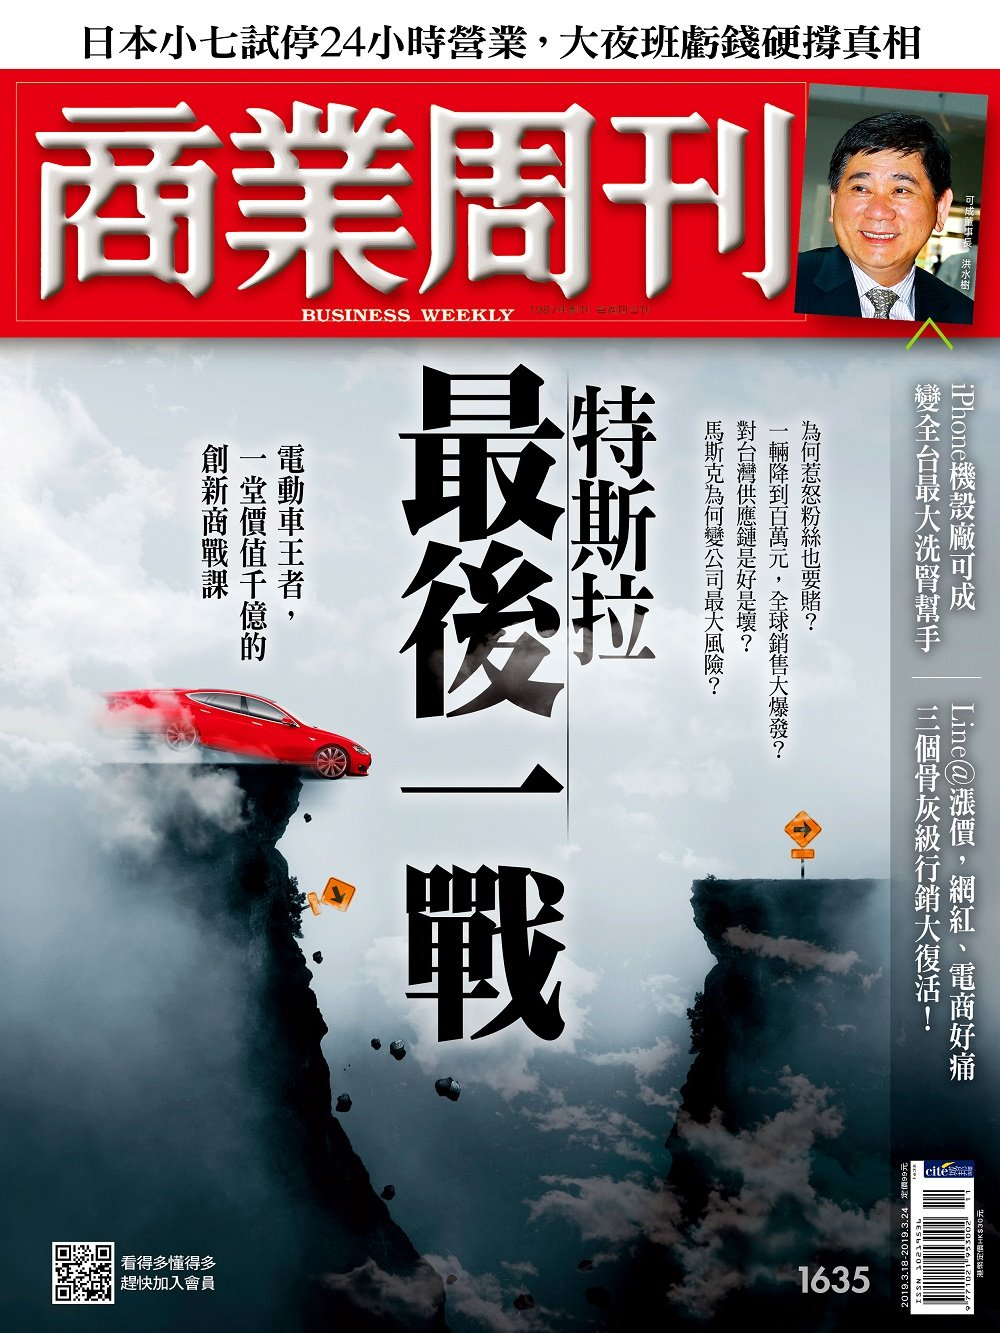 商業周刊 2019/3/14第1635期